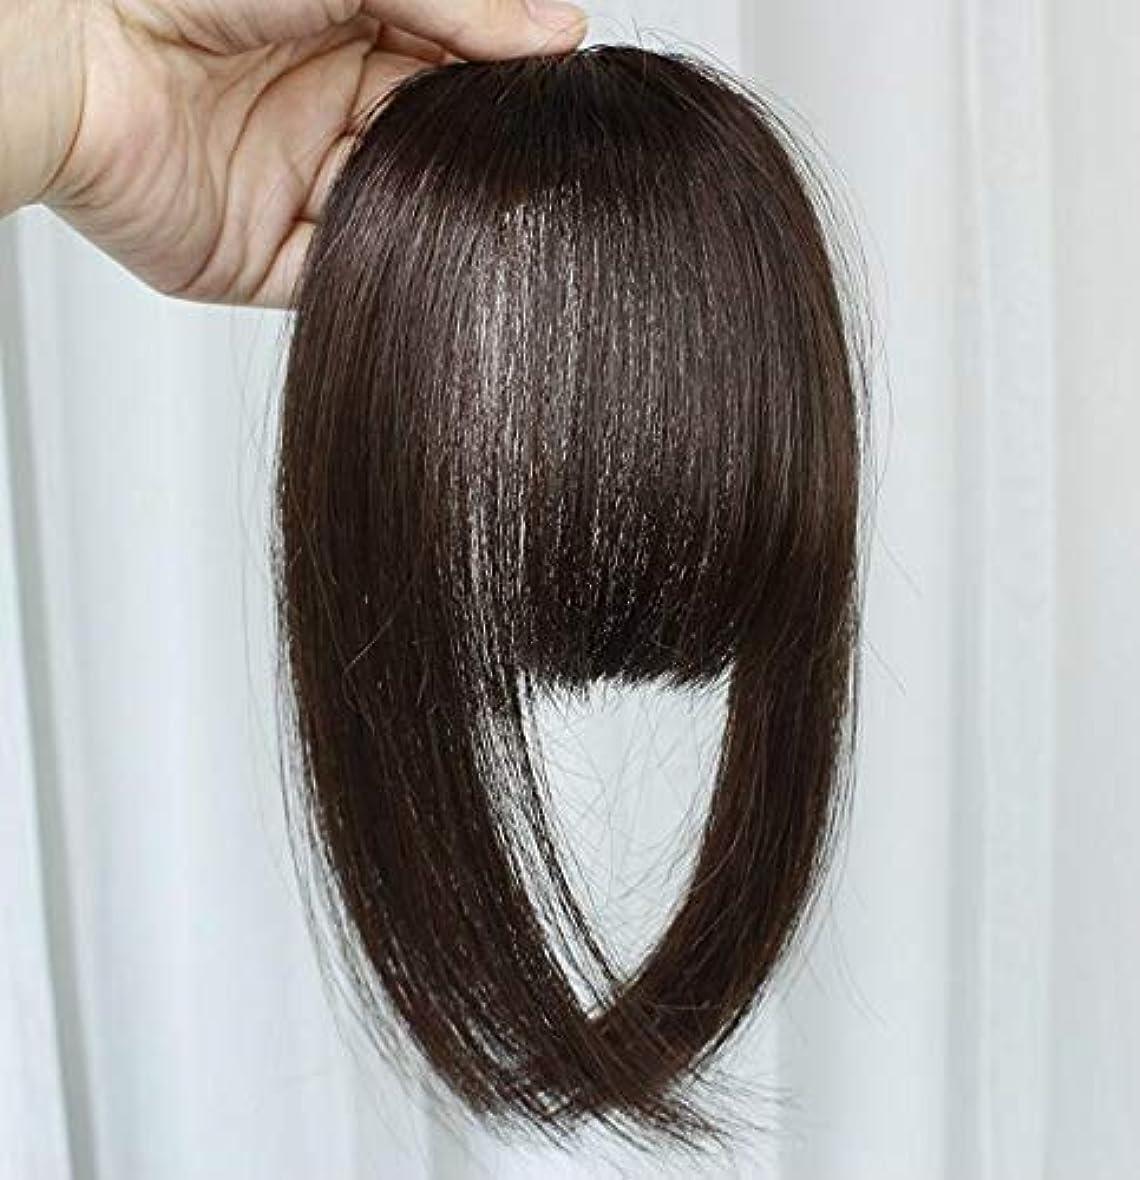 盲信である論争の的美しさ 高温合成繊維の前髪の毛延長の女性の偽のフリンジクリップ ヘア&シェービング (色 : Black)